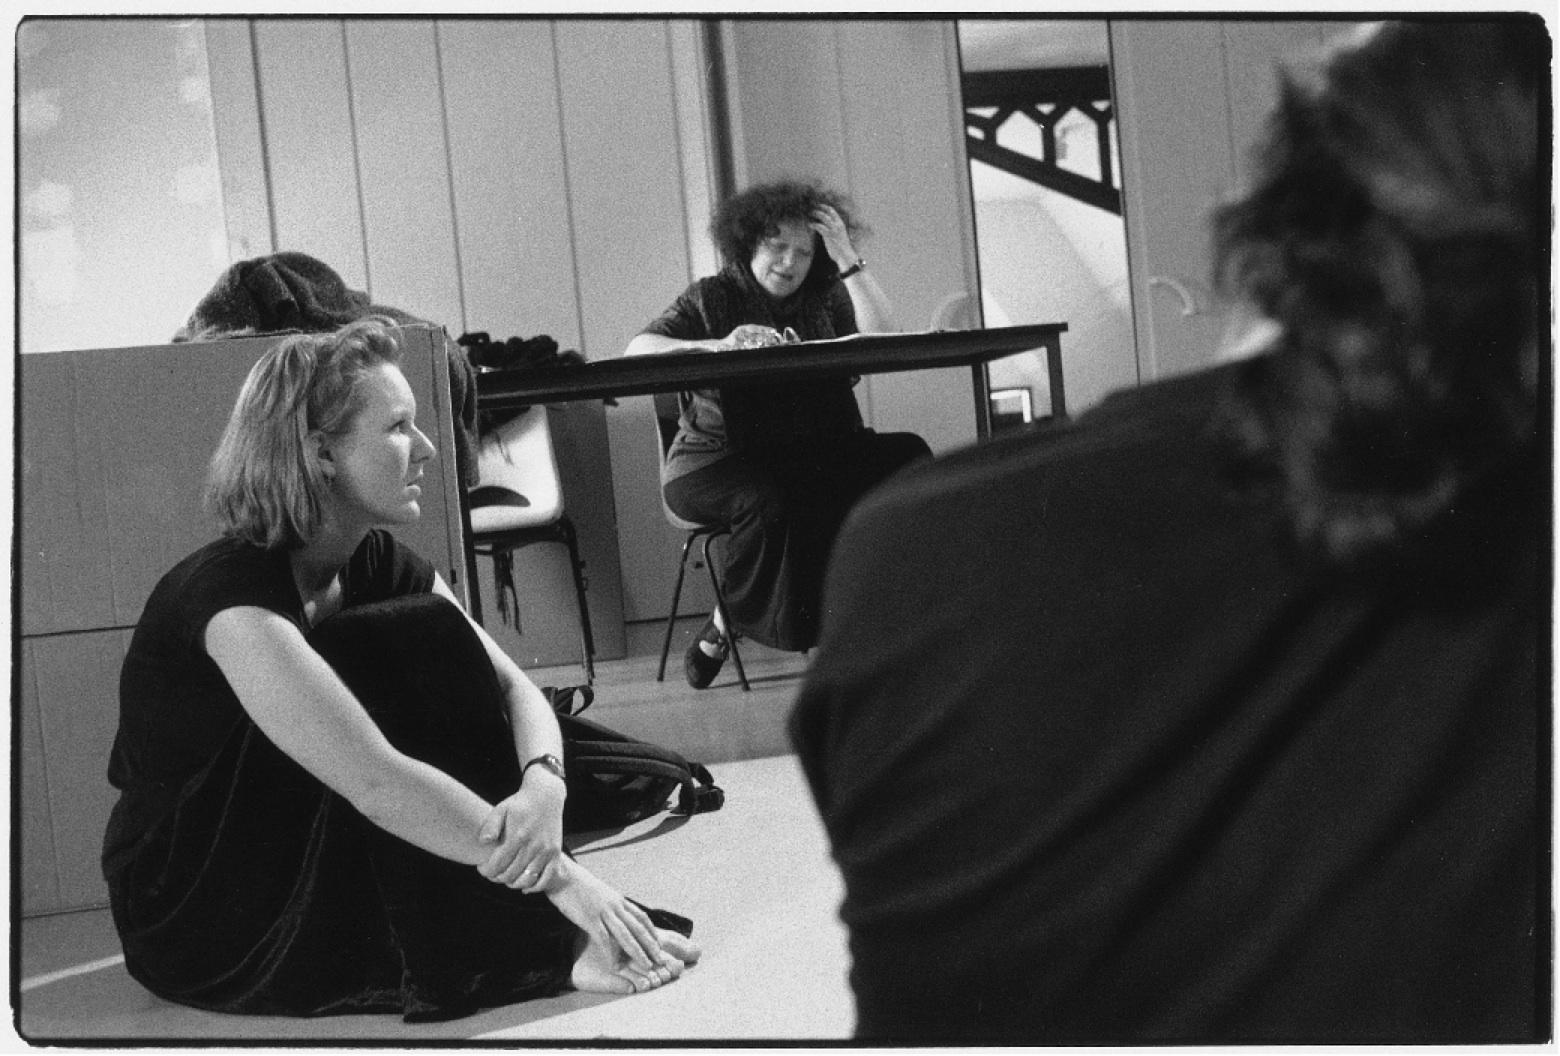 Atelier avec Ève LEDIG dans le cadre du Tremplin Jeune Théâtre (mai 1996). Photographie noir et blanc,18x24cm.Photographe : Jean-Baptiste DORNER. Archives du TJP, Strasbourg.